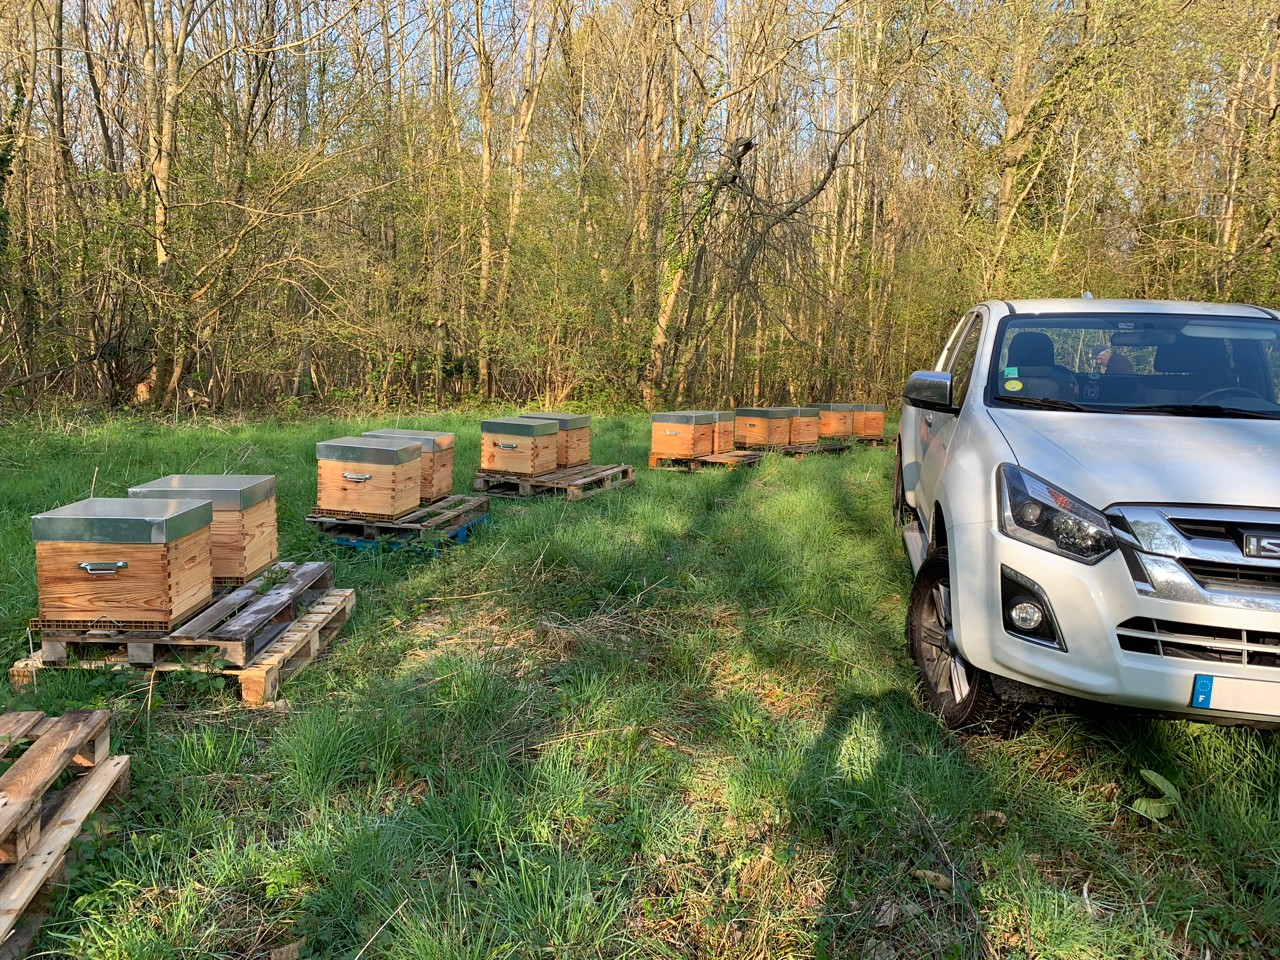 Les Ruchers d'Alexandre, apiculteur dans les Yvelines et le Val d'Oise